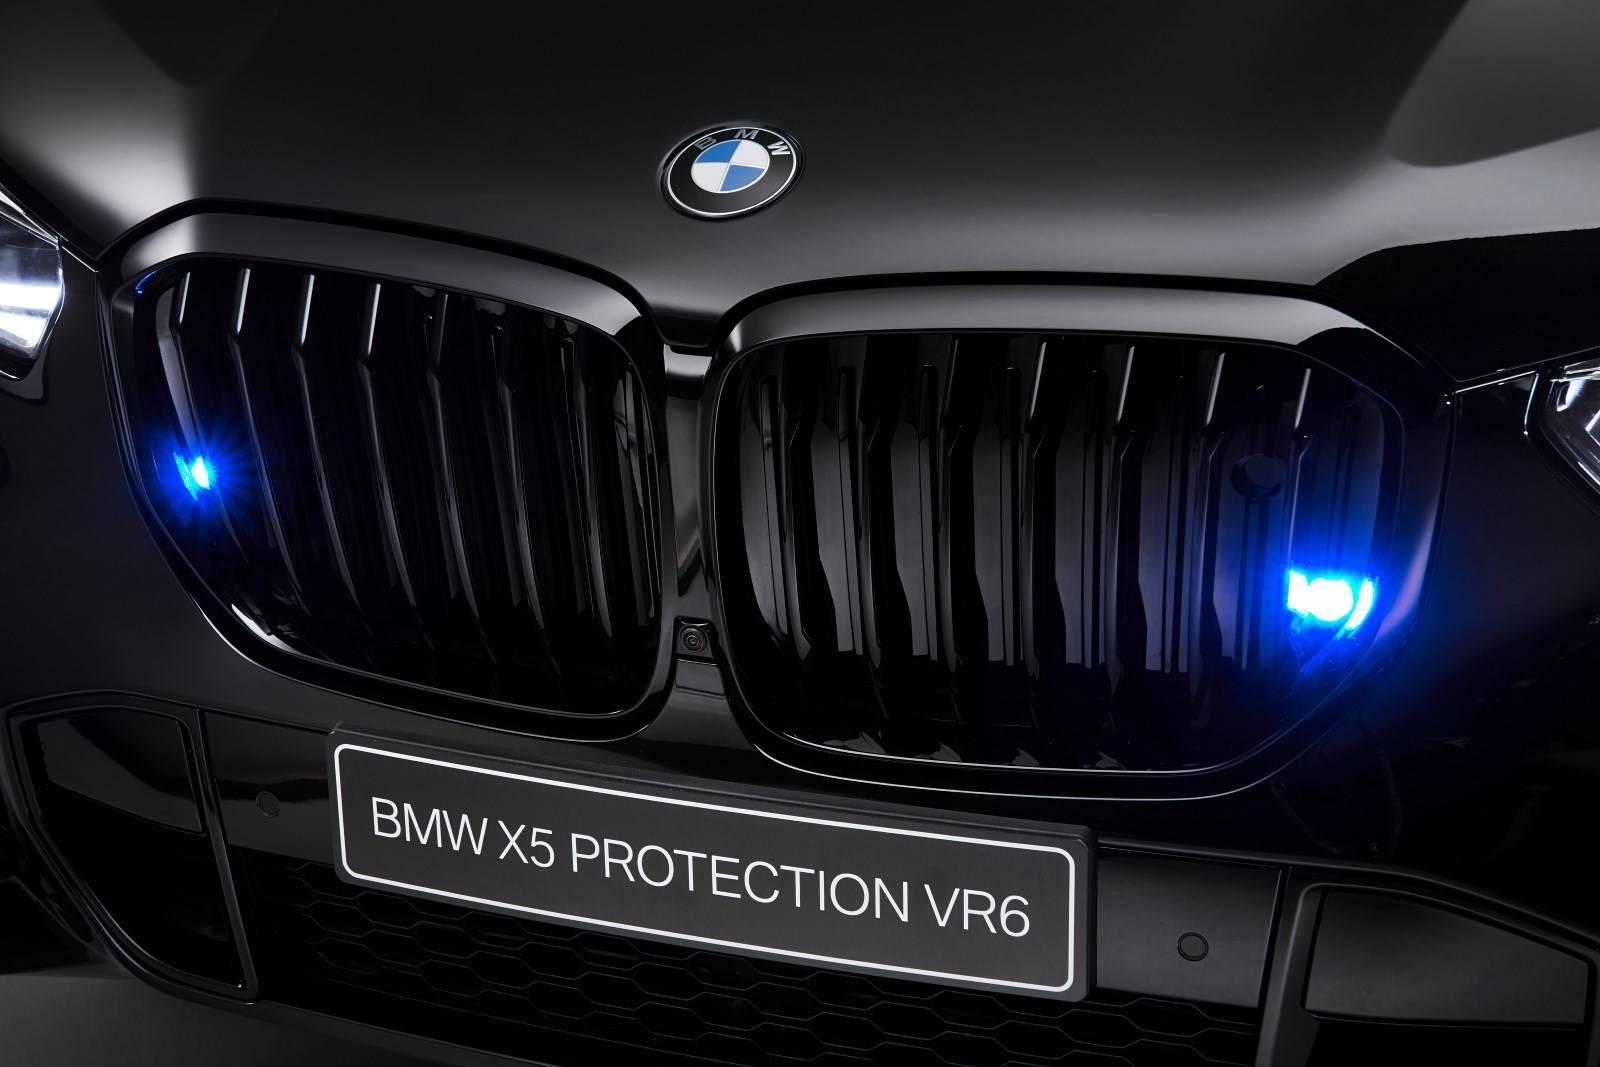 BMW X5 Protection VR6 - бескомпромиссная защита 5